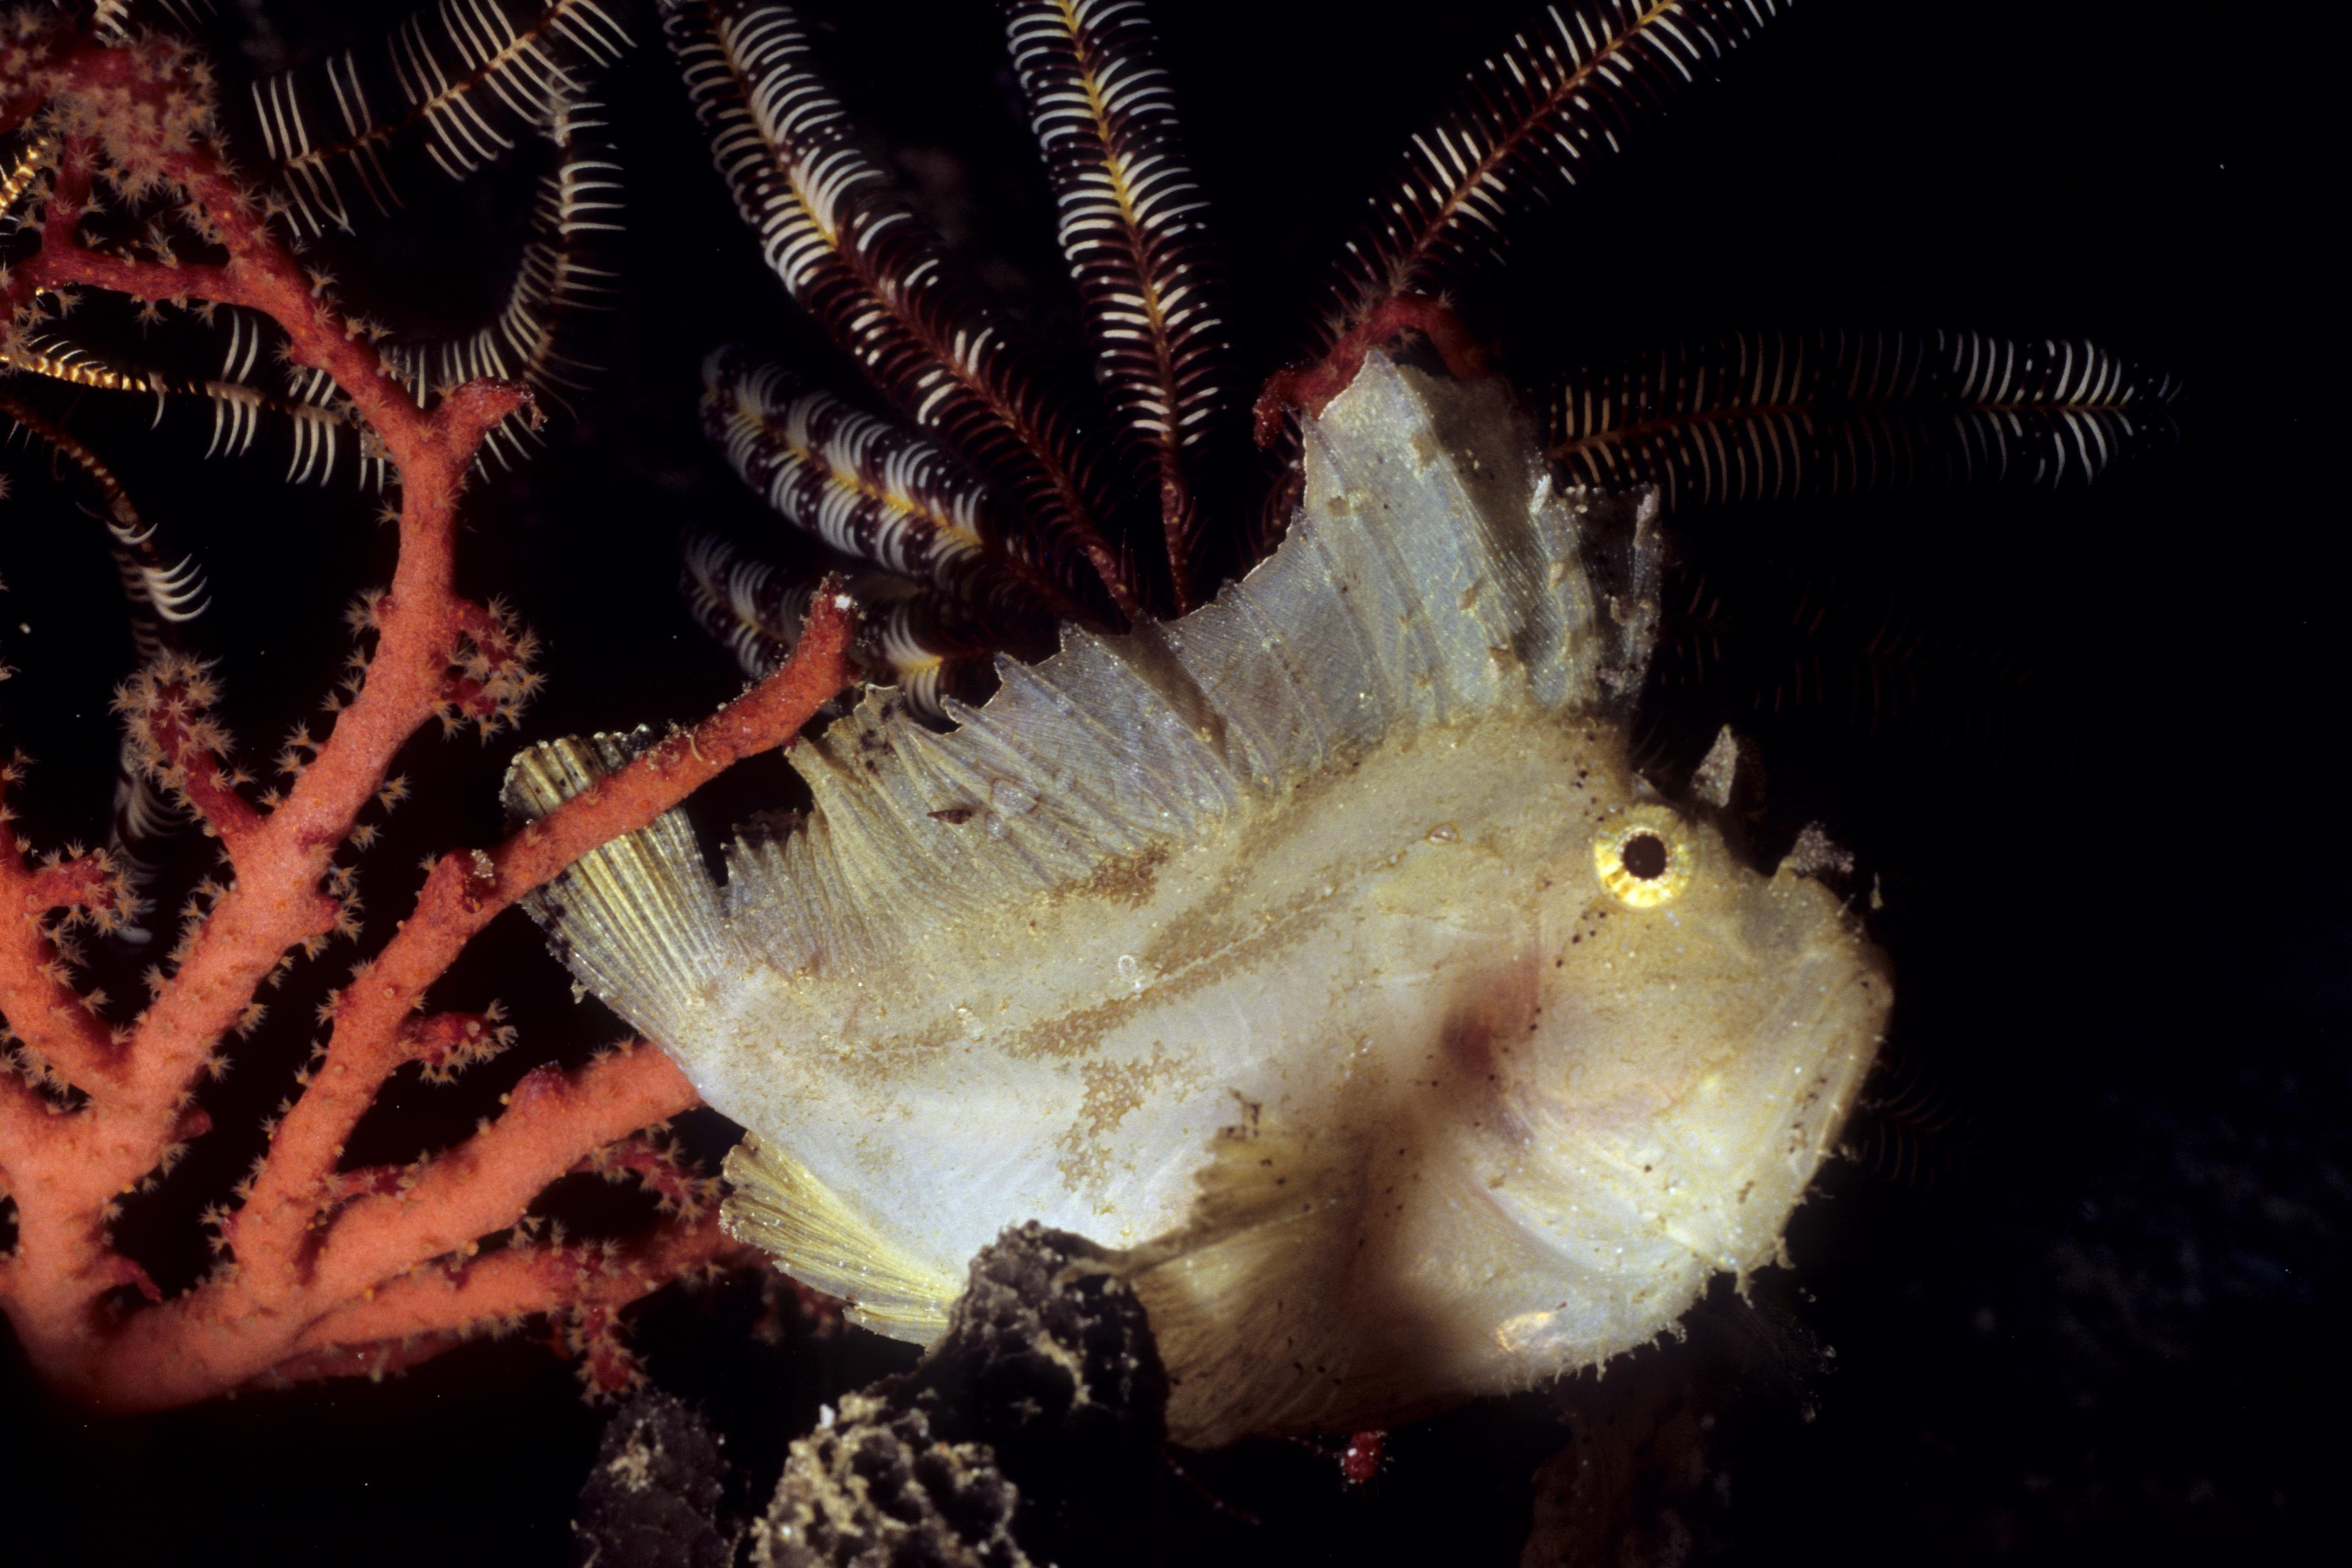 Leaffish - Raja Ampat Archipelago - West Papua - Indonesia 2008